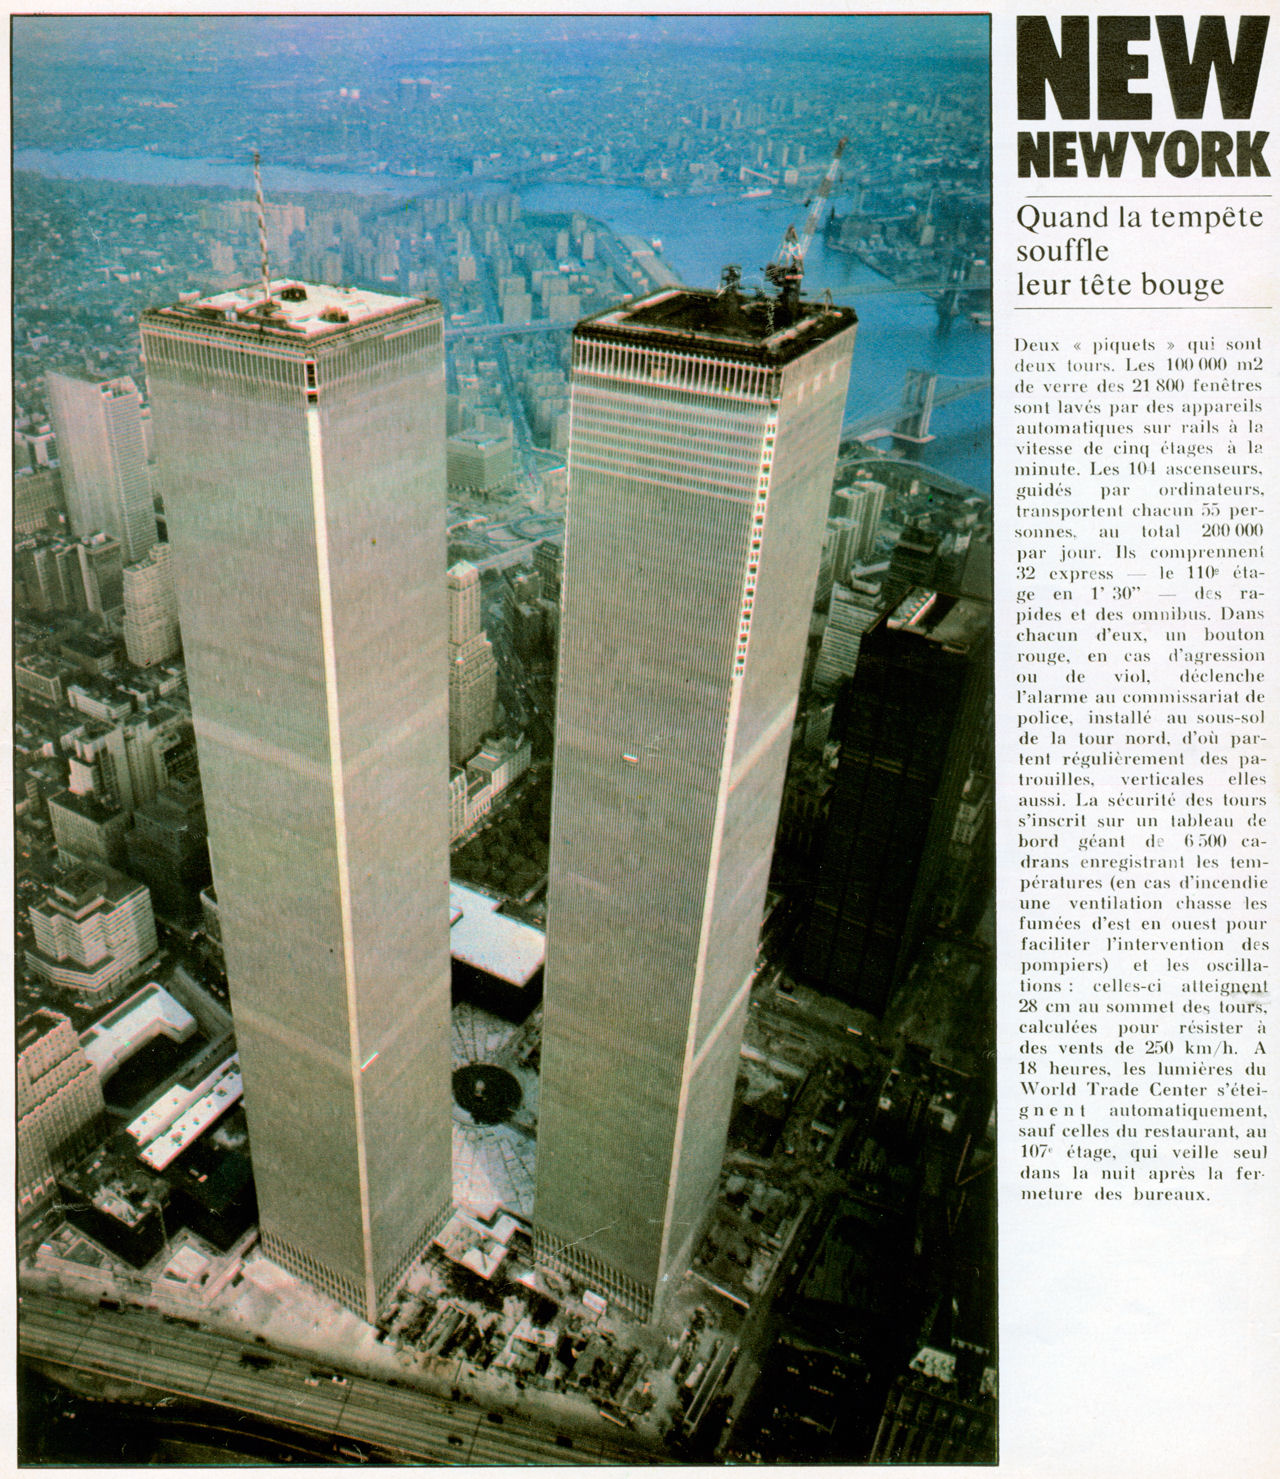 Concorde dans la presse for Building sans fenetre new york